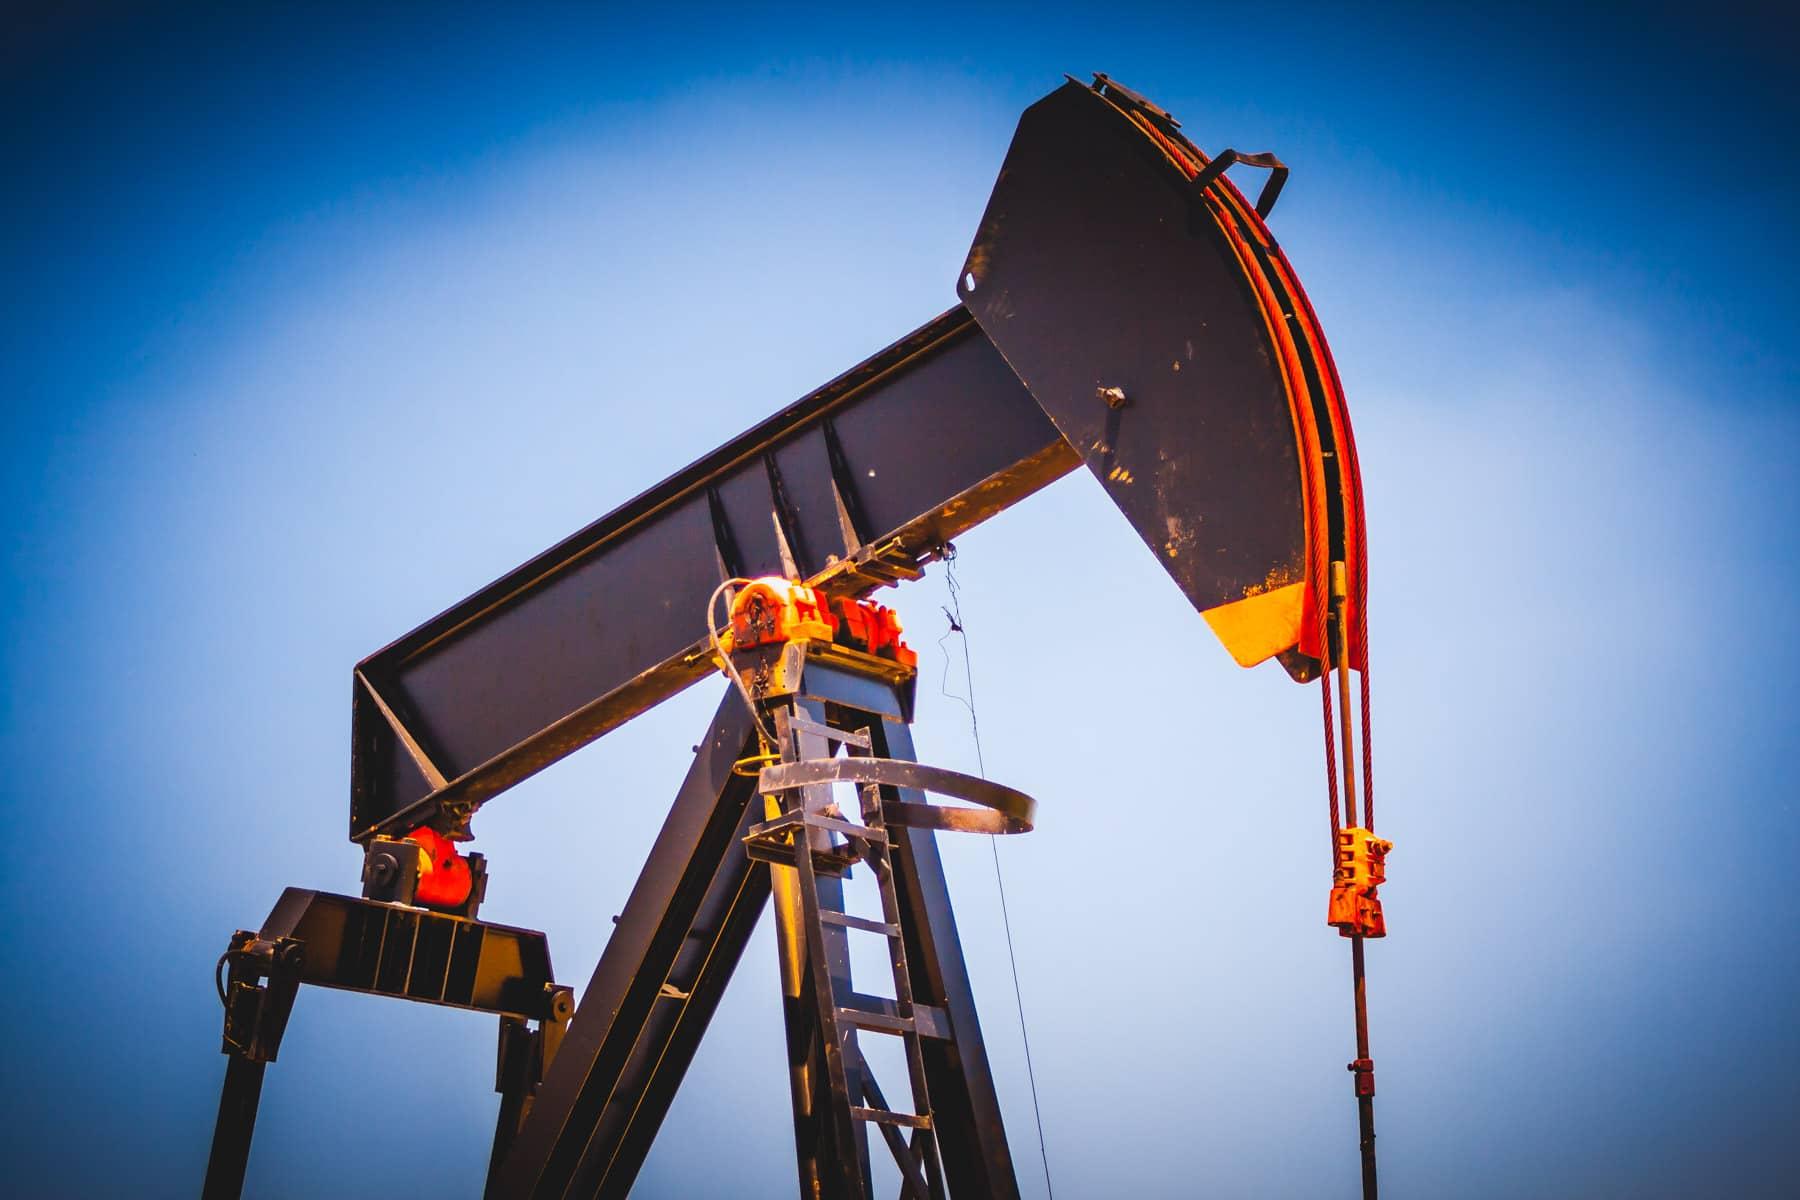 An oil pumpjack spotted near Celina, Texas.